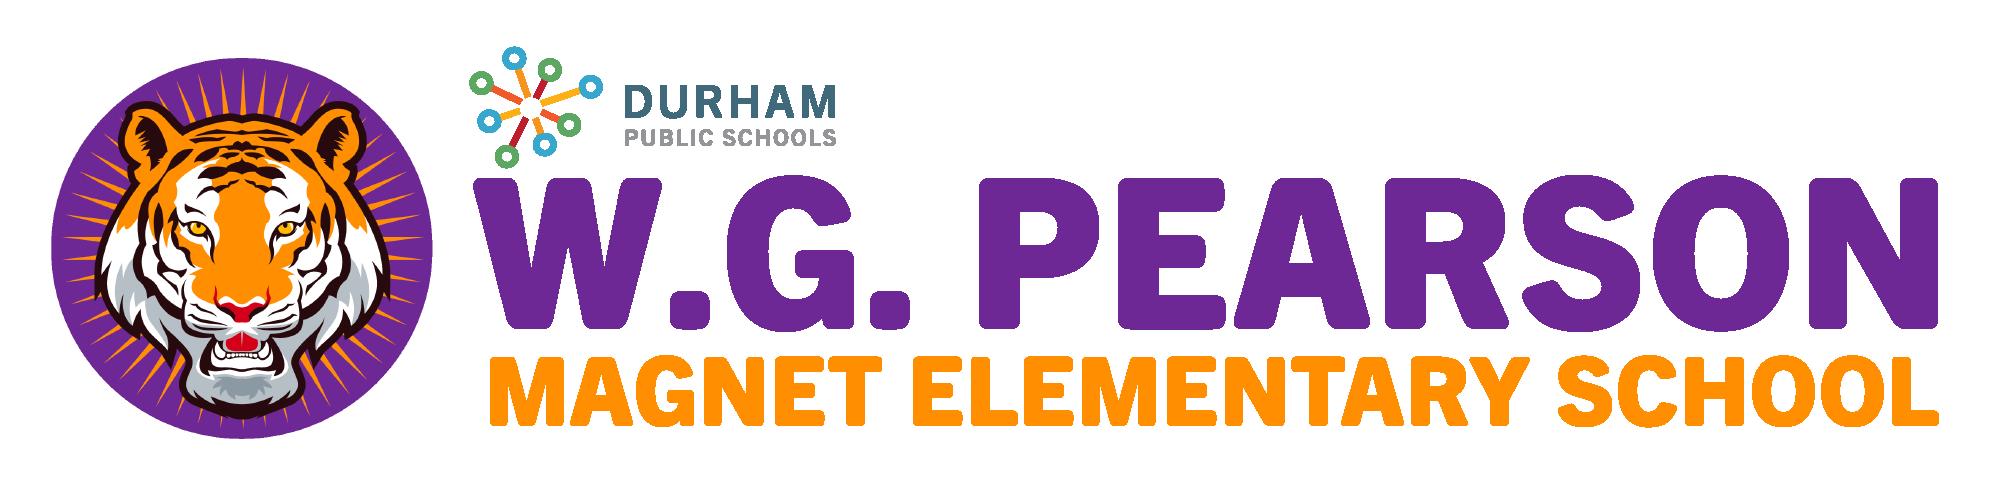 W. G. Pearson school logo